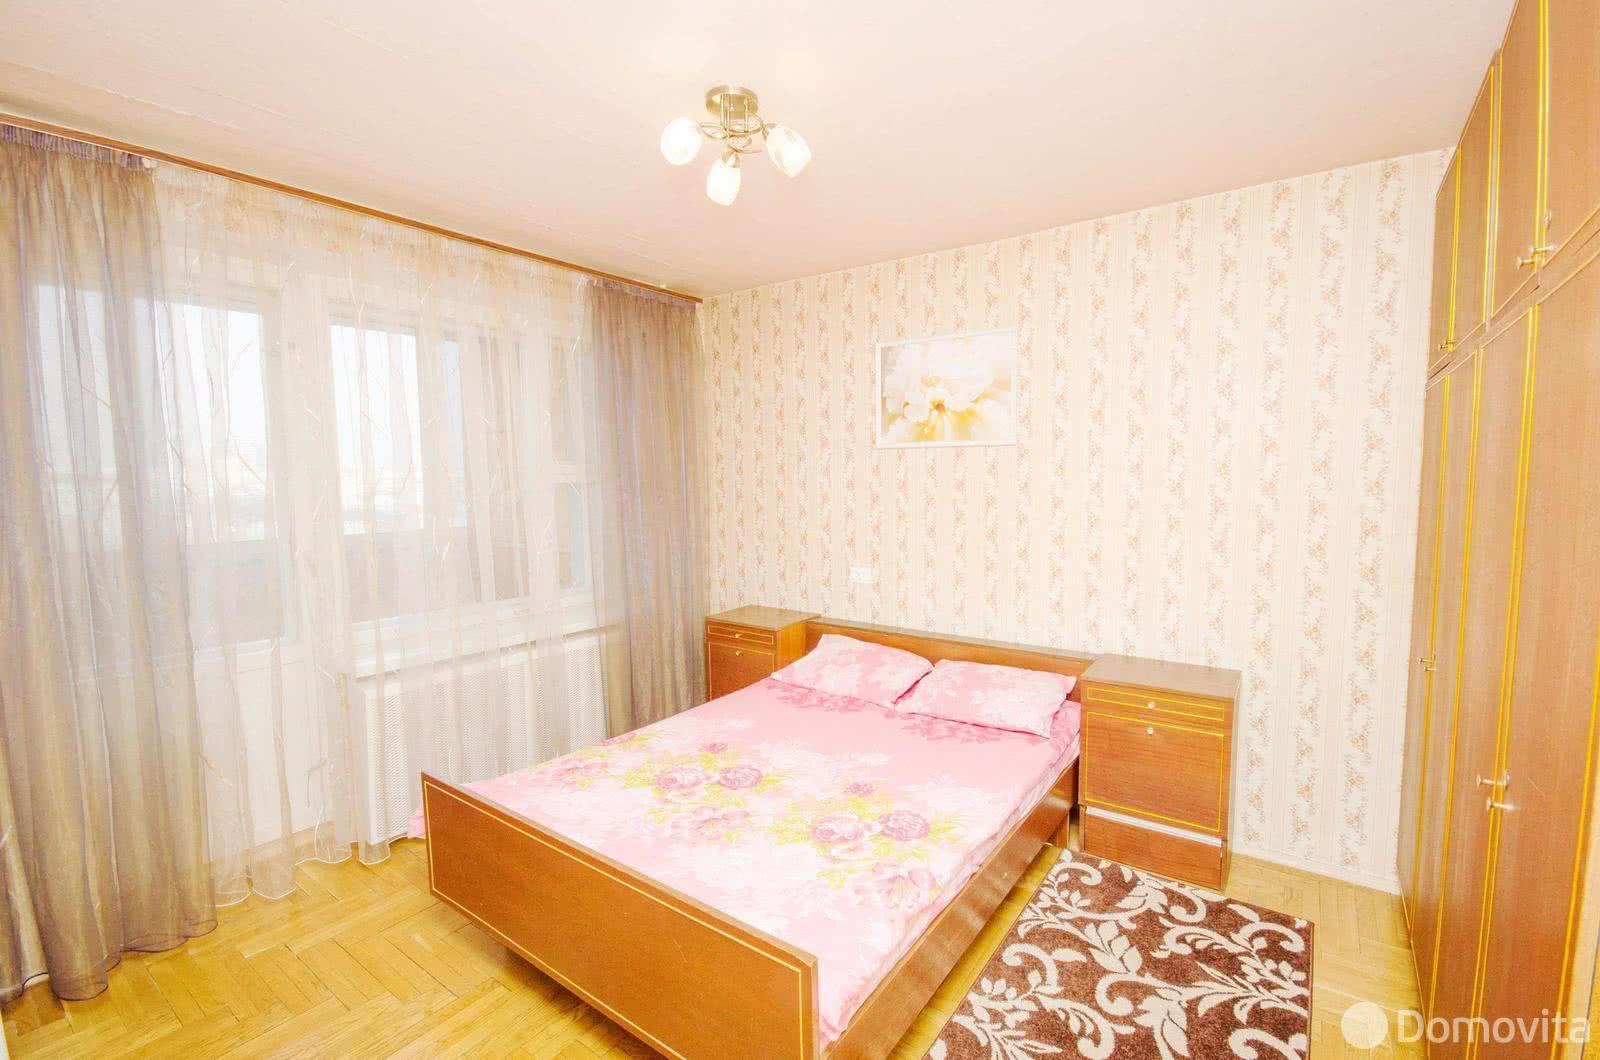 2-комнатная квартира на сутки в Минске ул. Немига, д. 10 - фото 4